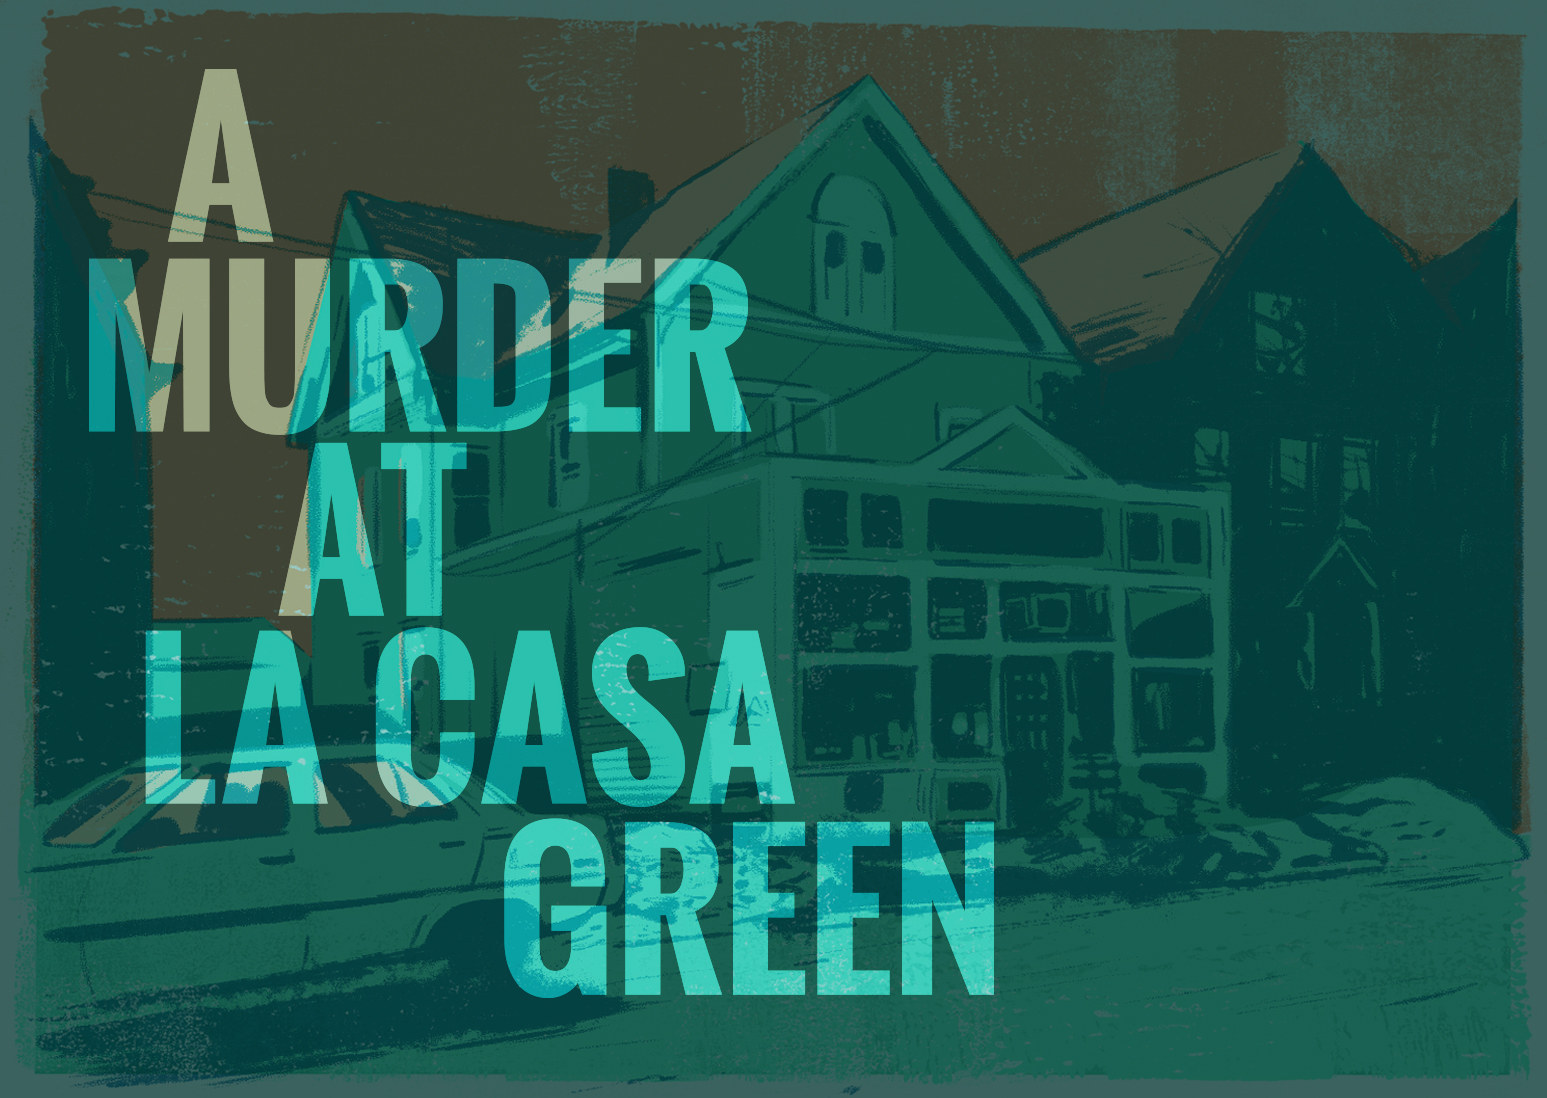 A Murder at La Casa Green